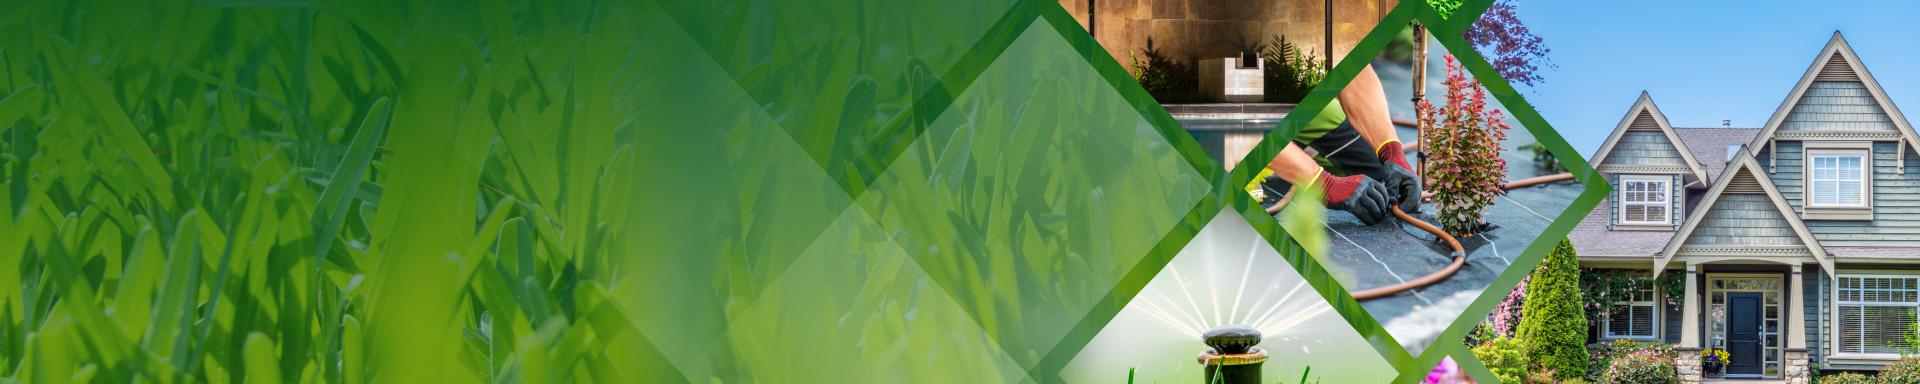 lawn-sprinkler-system-shaughnessy-kerrisdale